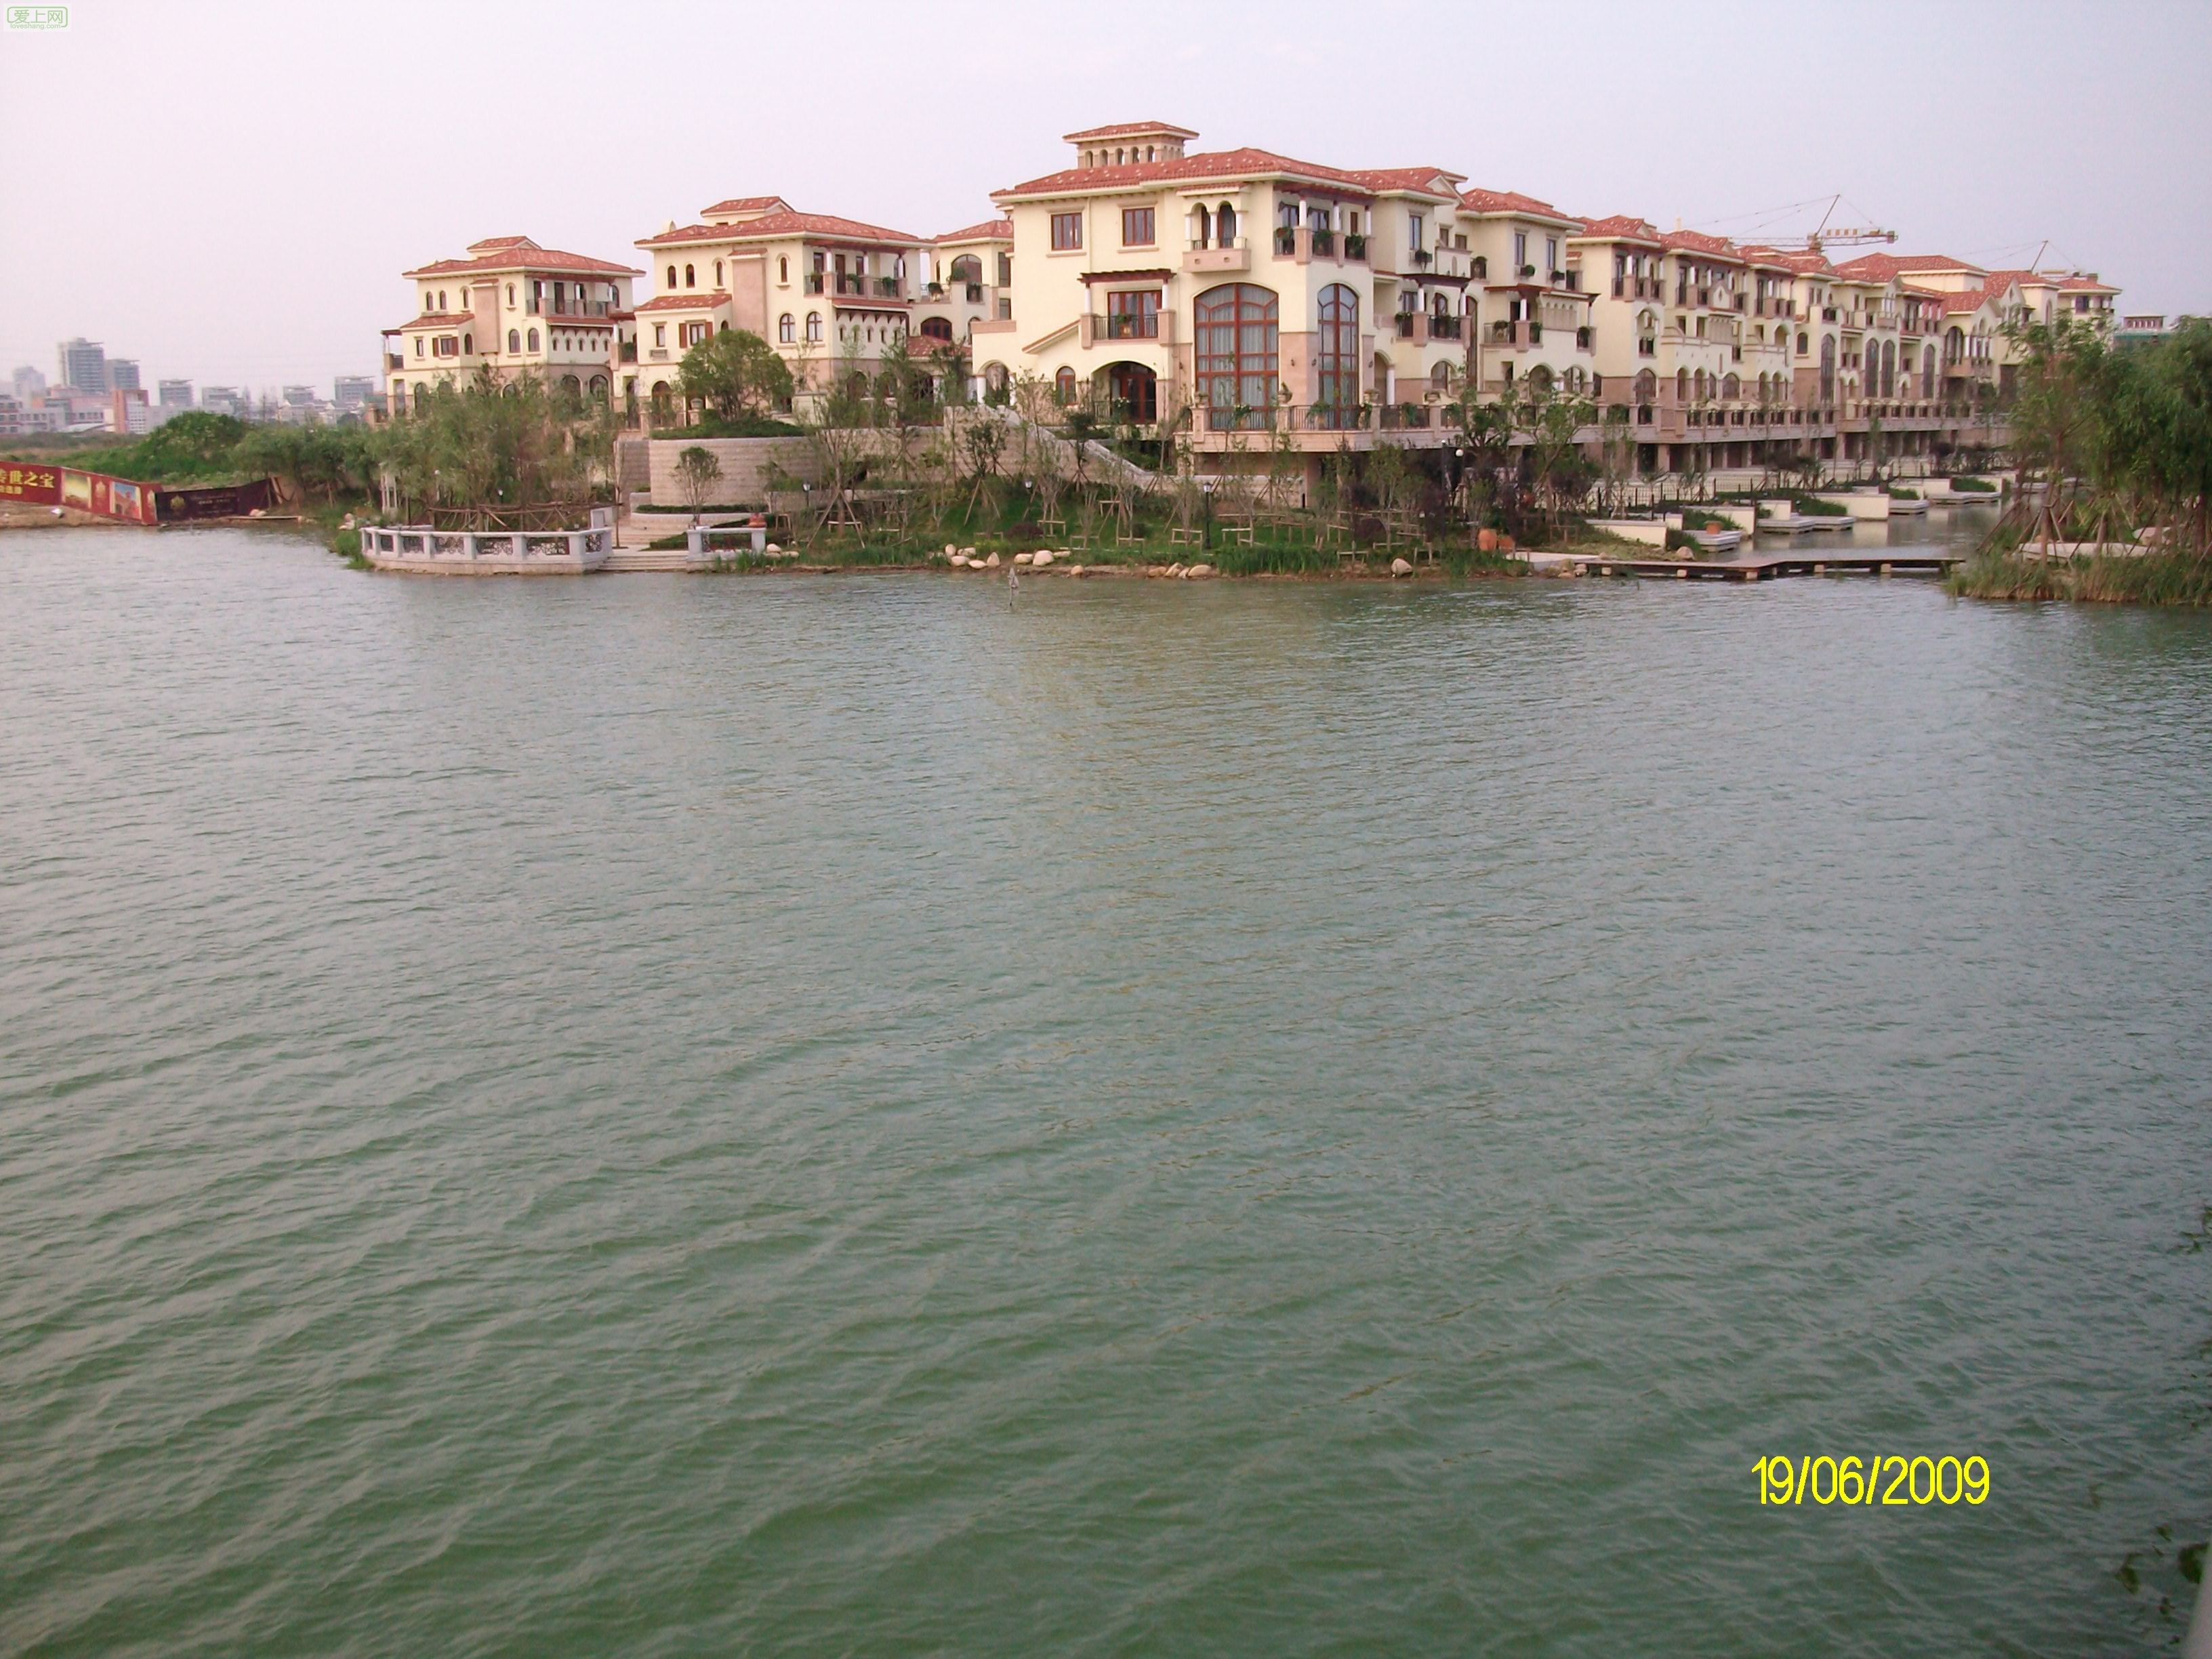 暨陽湖一號西班牙風情高檔花園別墅區